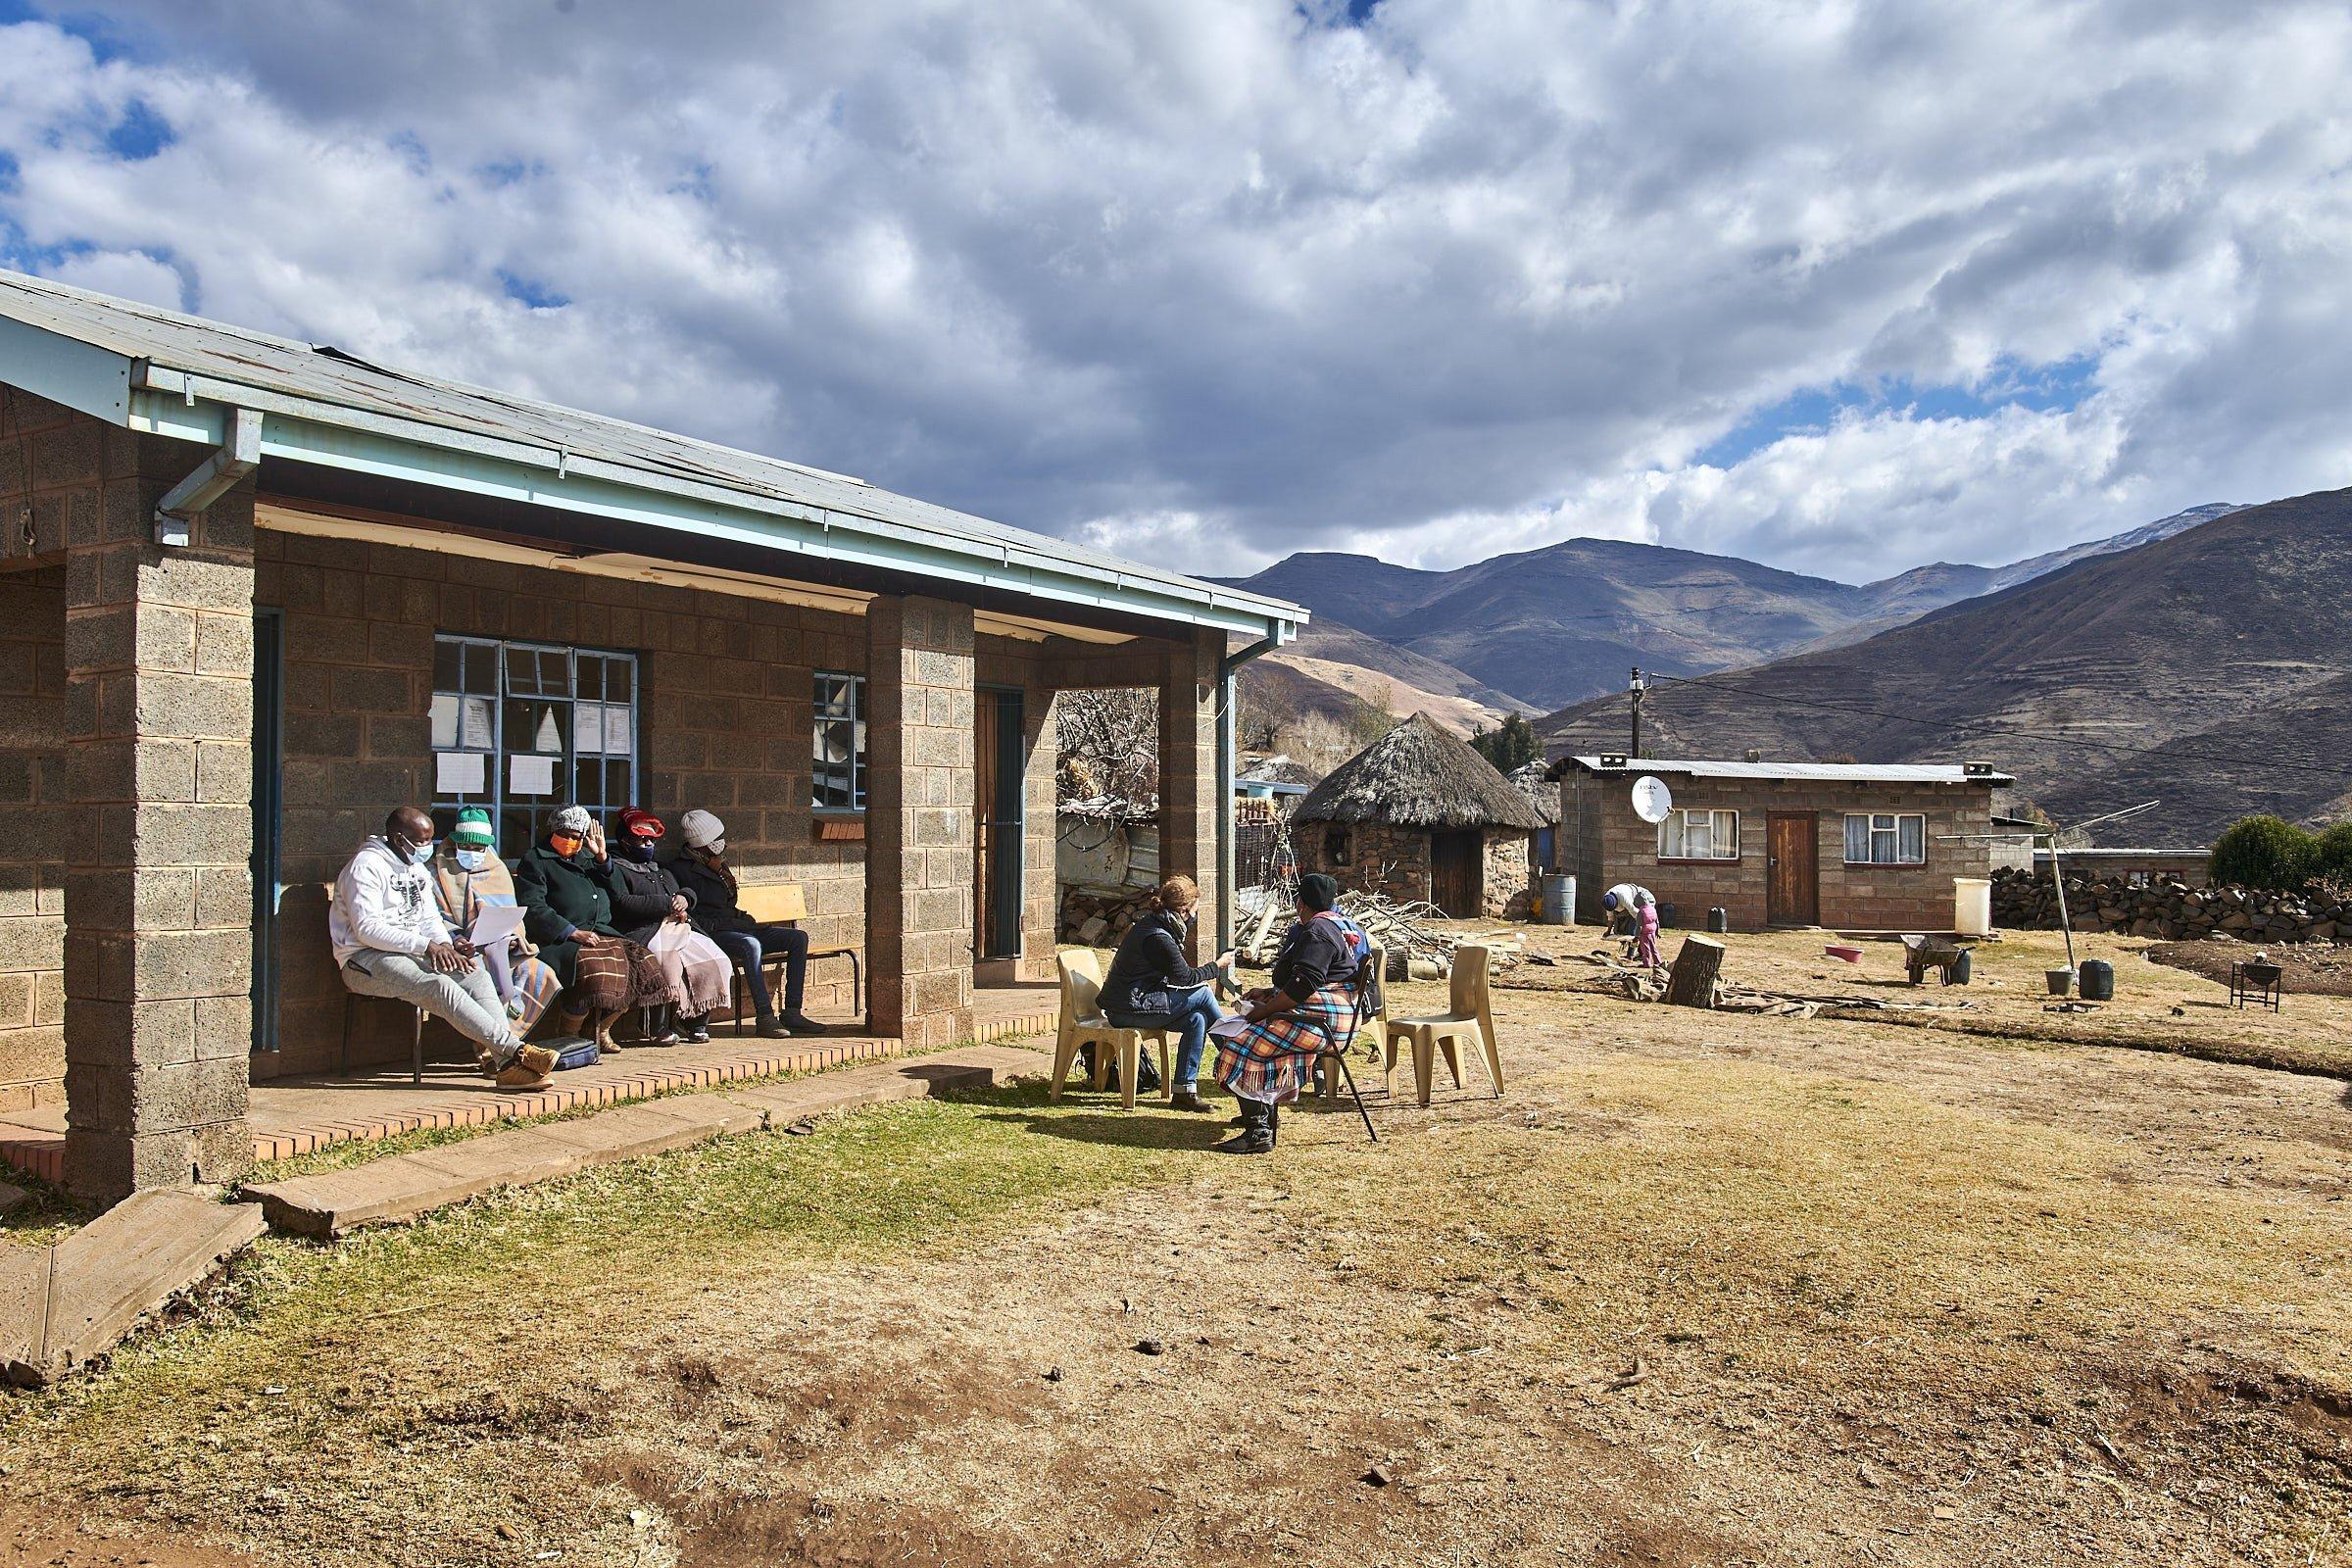 Vor einem kleinen Haus sitzen Bürger und Bürgerinnen, traditionelle Rundhütten und die Berge im Hintergrund